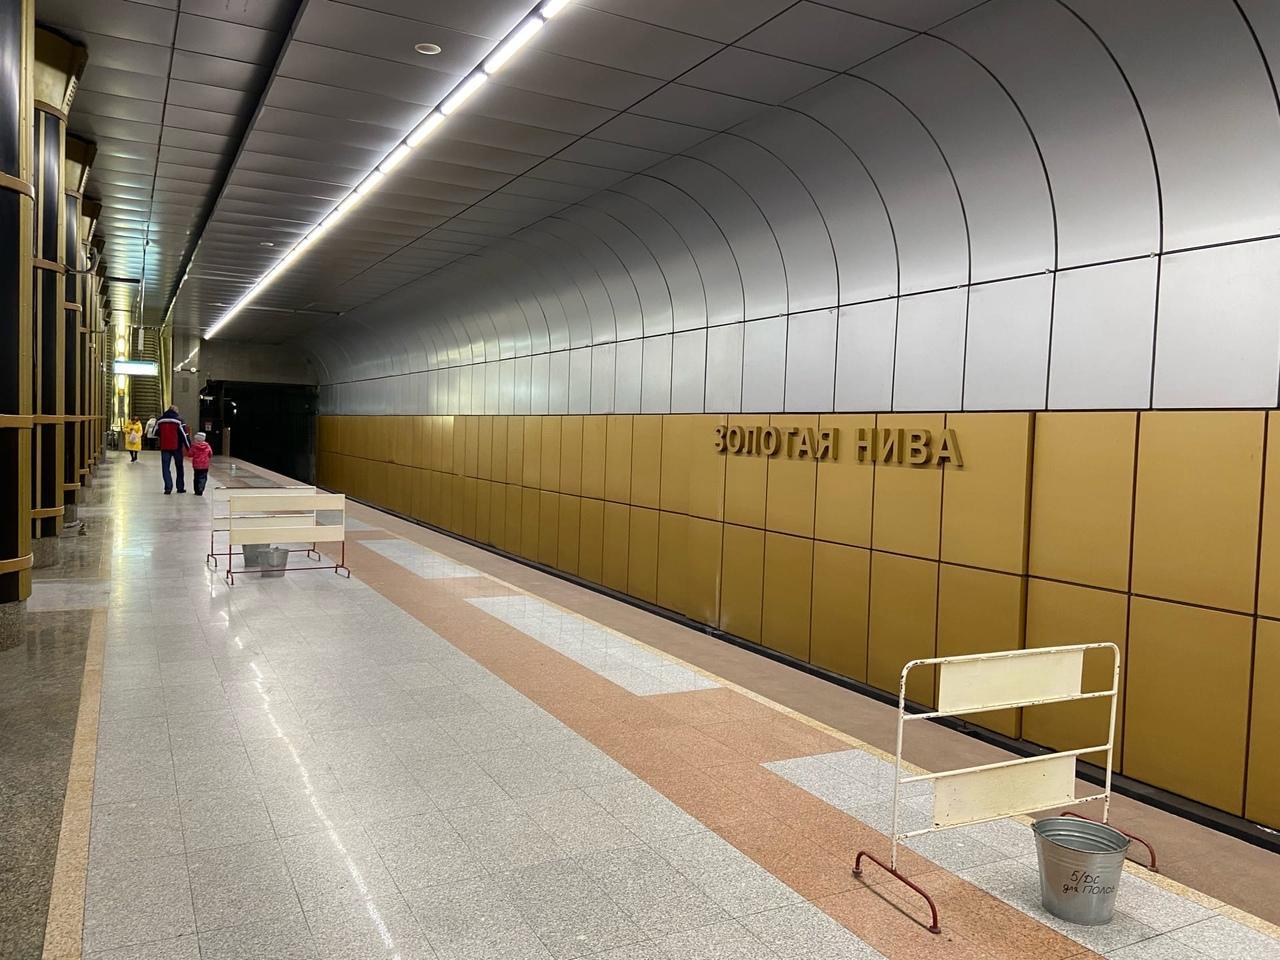 Фото На станции метро «Золотая Нива» в Новосибирске третий день не могут устранить течь с потолка 4